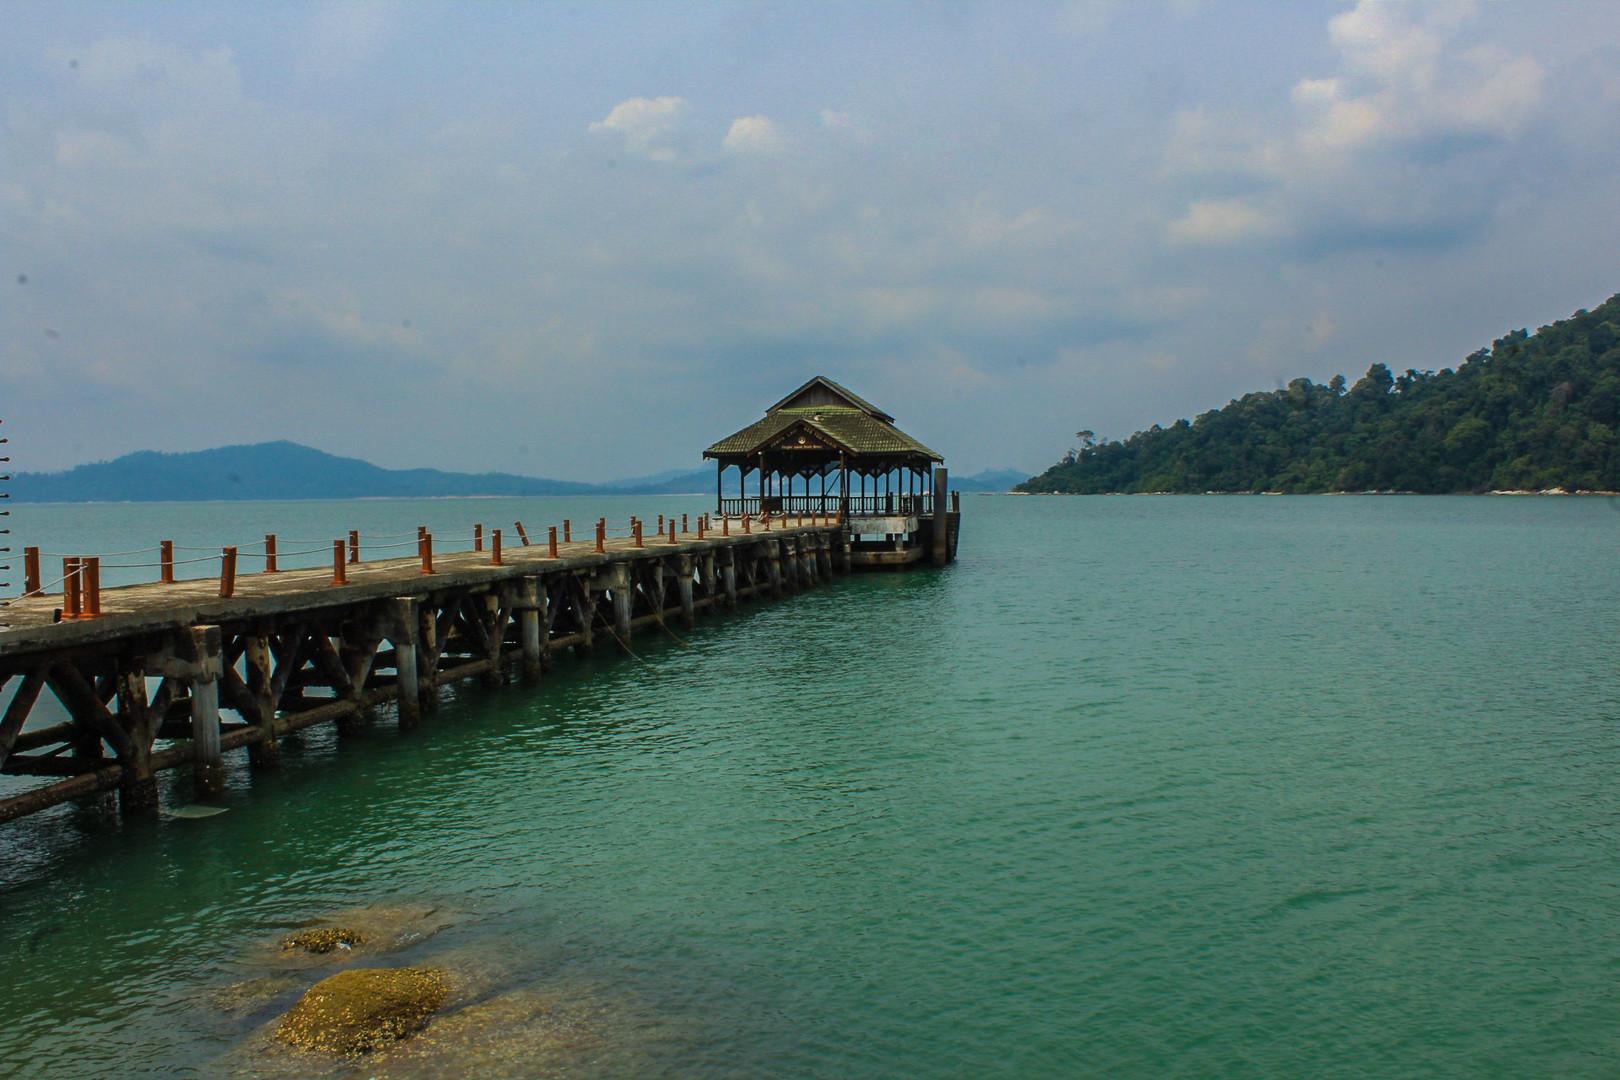 La paisible île de Pangkor en Malaisie